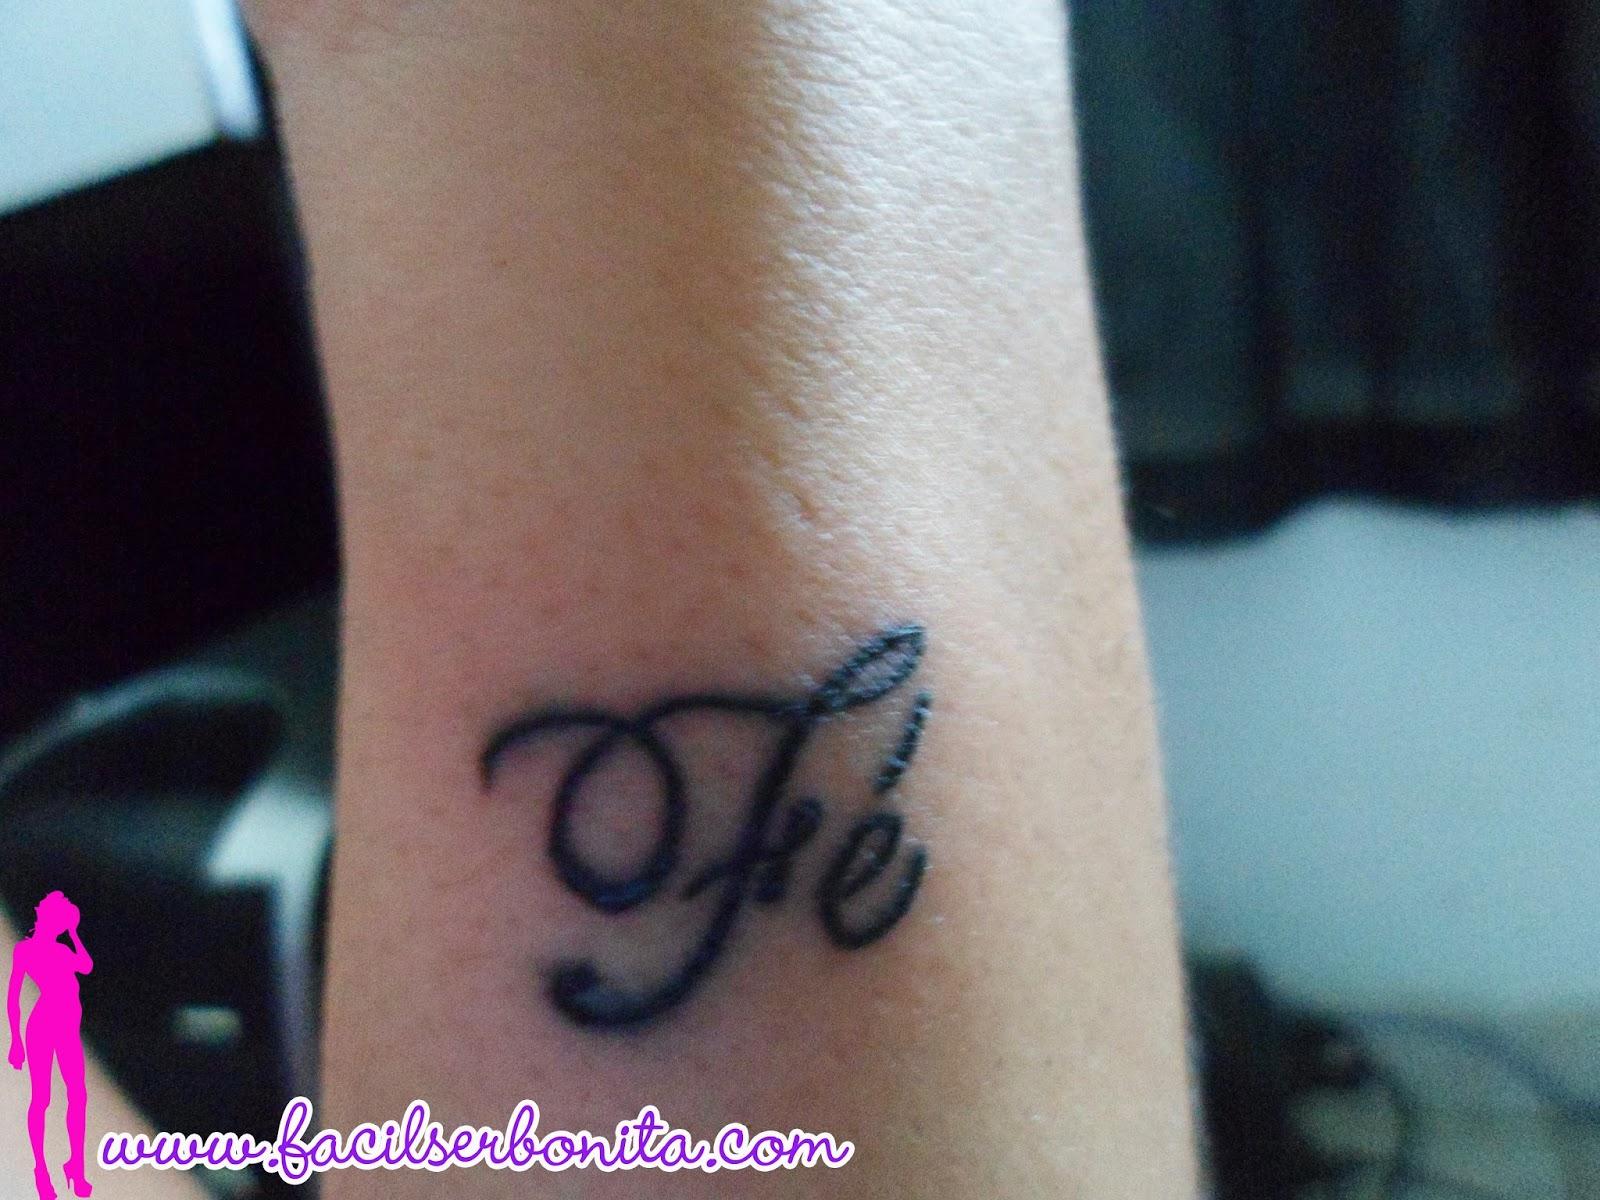 é Fácil Ser Bonita Série Tatuagem Fé